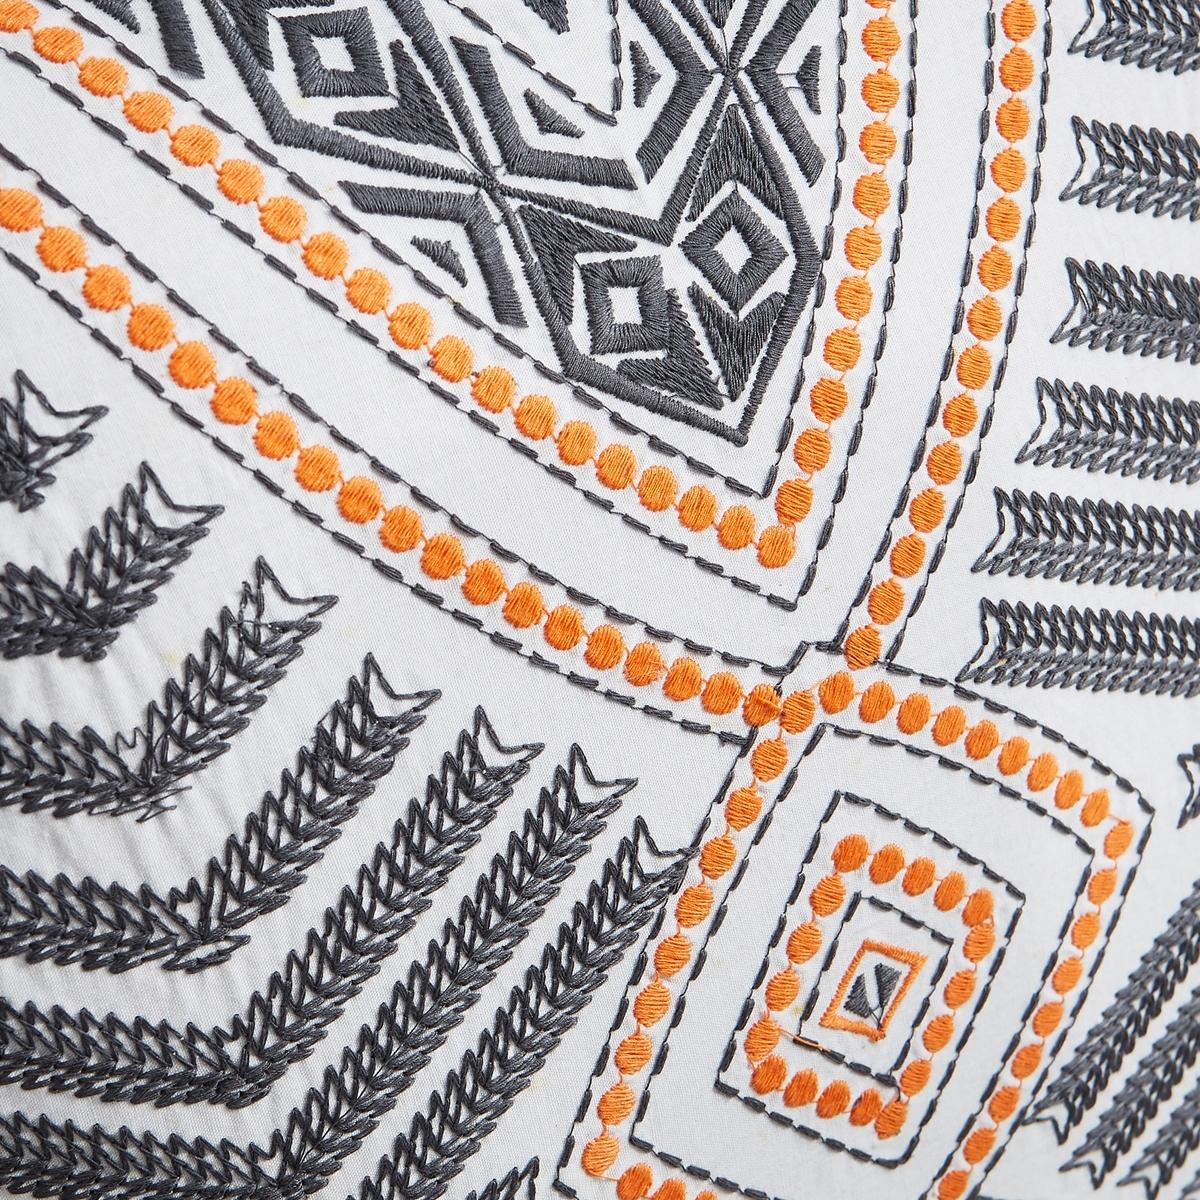 Чехол для подушки SantoftЧехол для подушки Santoft с рисунком и вышивкой. Застежка на молнию. Стирка при 30°.Состав:- 100% хлопок. Размеры :- 40 x 40 см.Подушка продается отдельно на сайте.<br><br>Цвет: оранжевый/ черный<br>Размер: 40 x 40  см